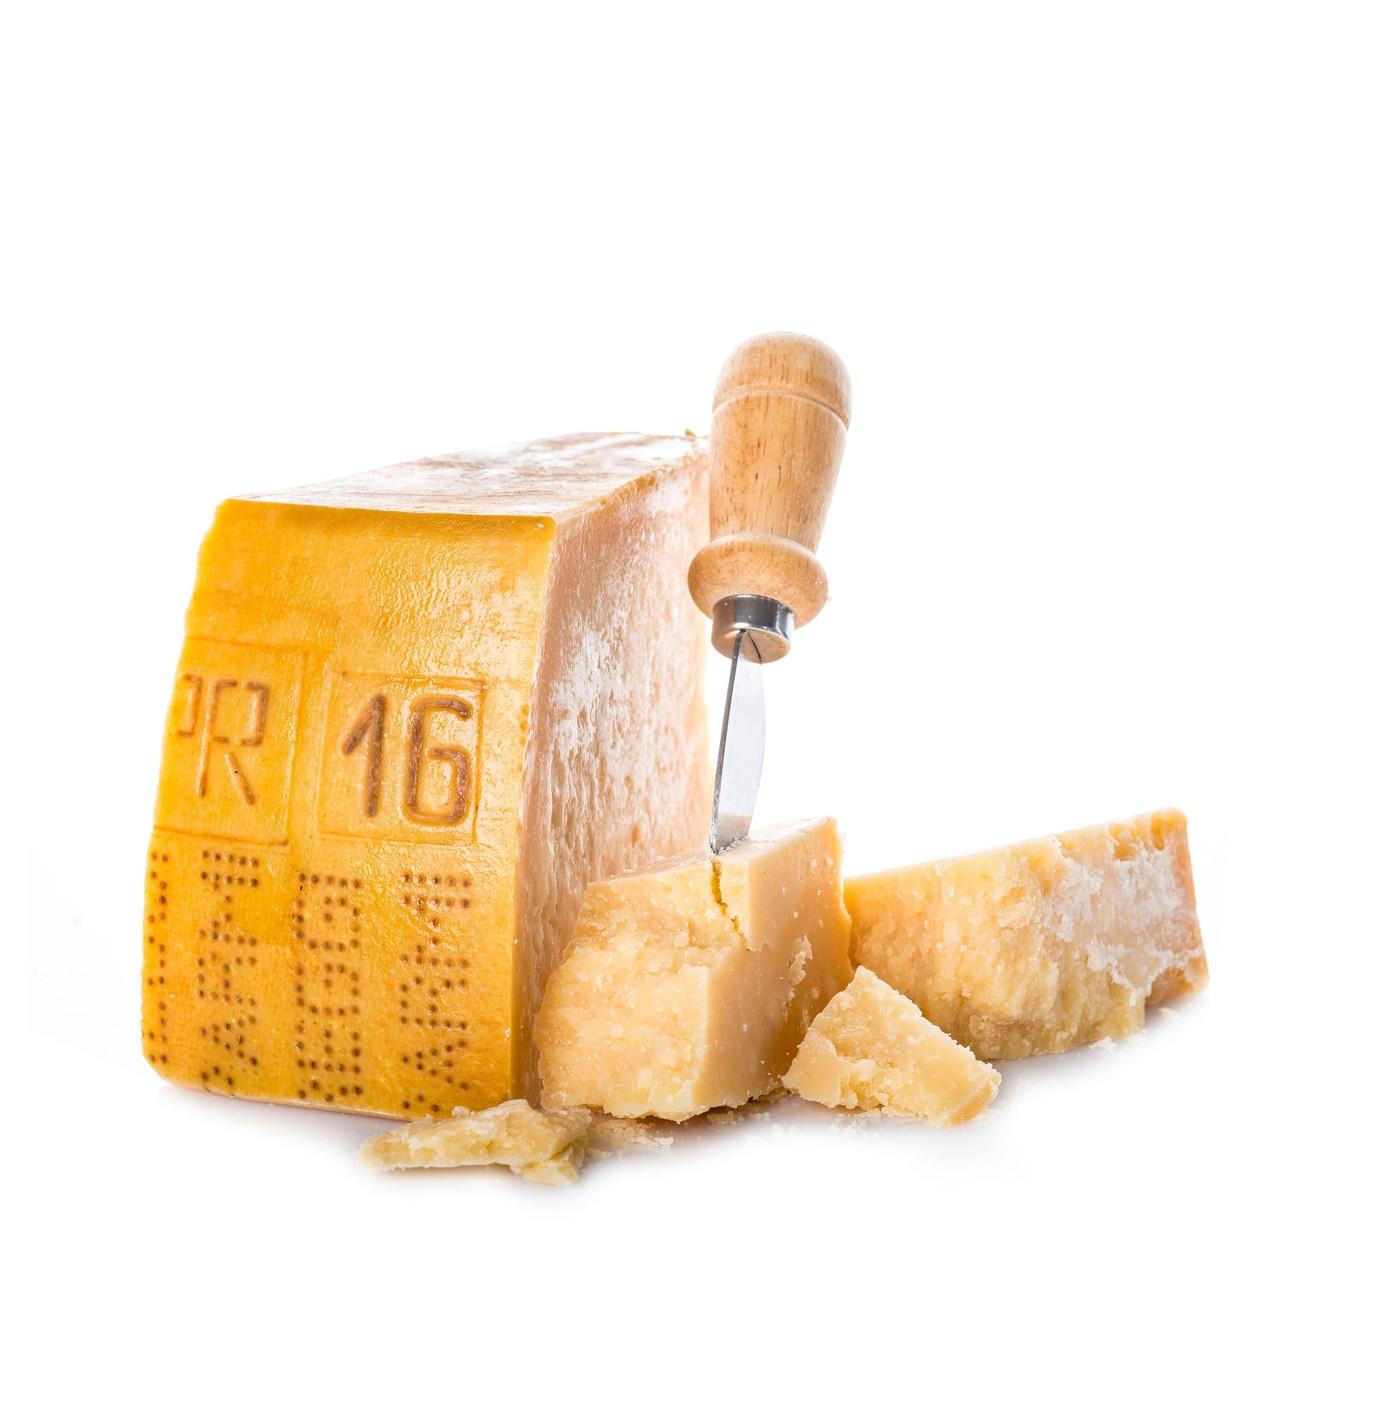 receta de Parmigiano Reggiano Dop De 18 Meses